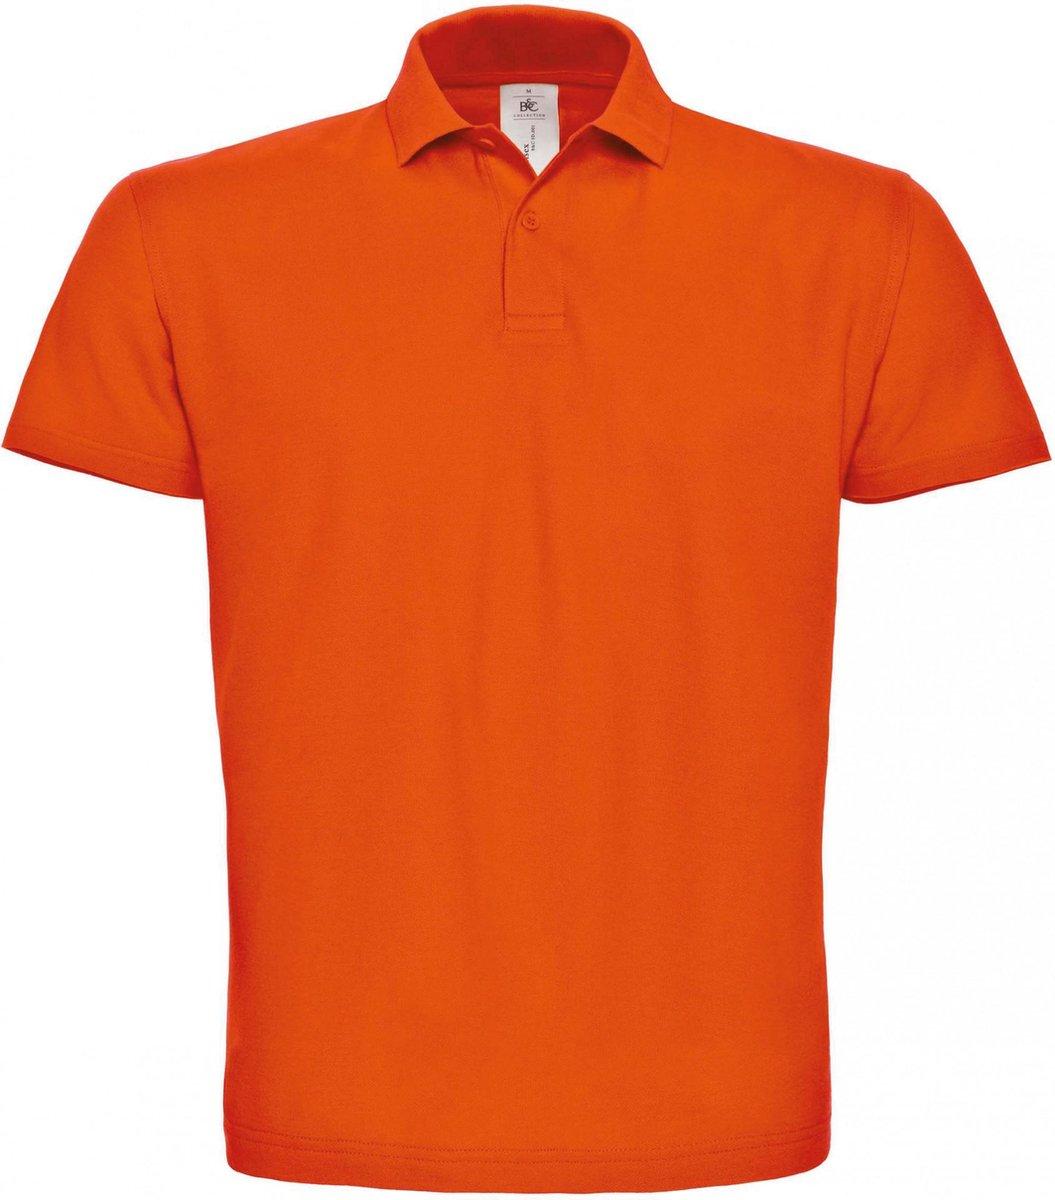 B&C Heren Oranje Polo REGULAR FIT Maat M 100 % Katoen